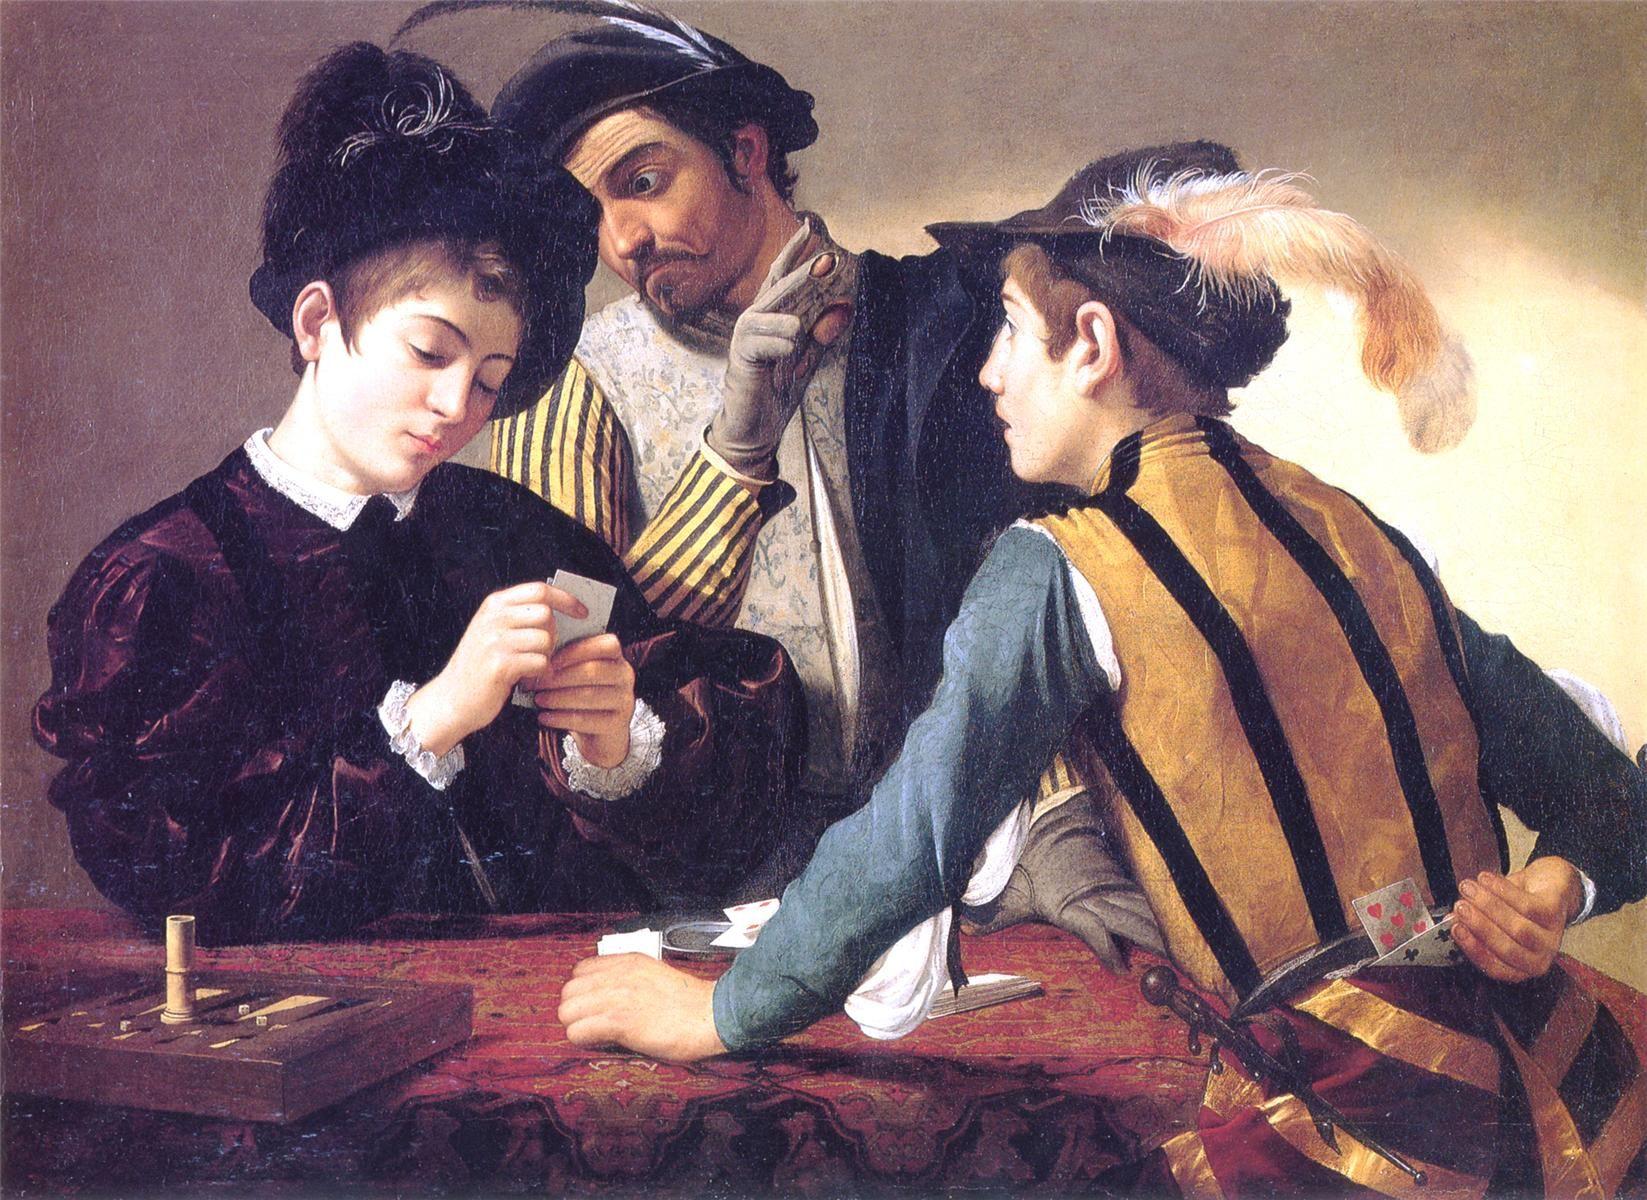 Caravaggio. Los jugadores de cartas, 1594. Óleo sobre lienzo. Kimbell Museum of Art, Fort Worth, Texas.